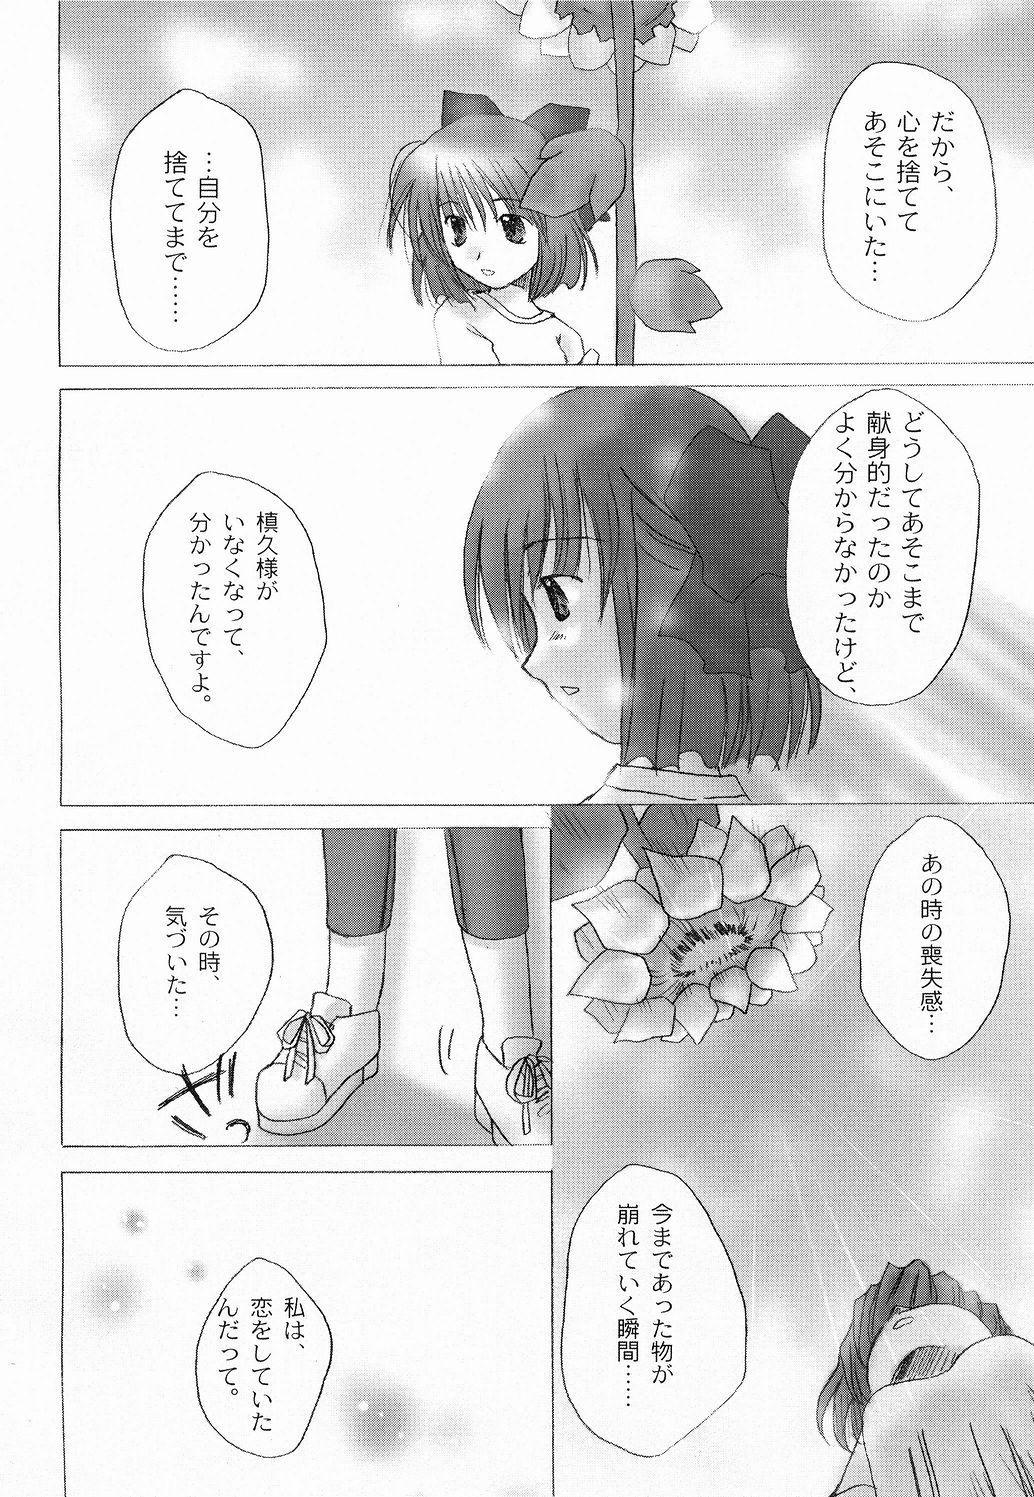 Taiyou to Tsuki ni Somuite 12